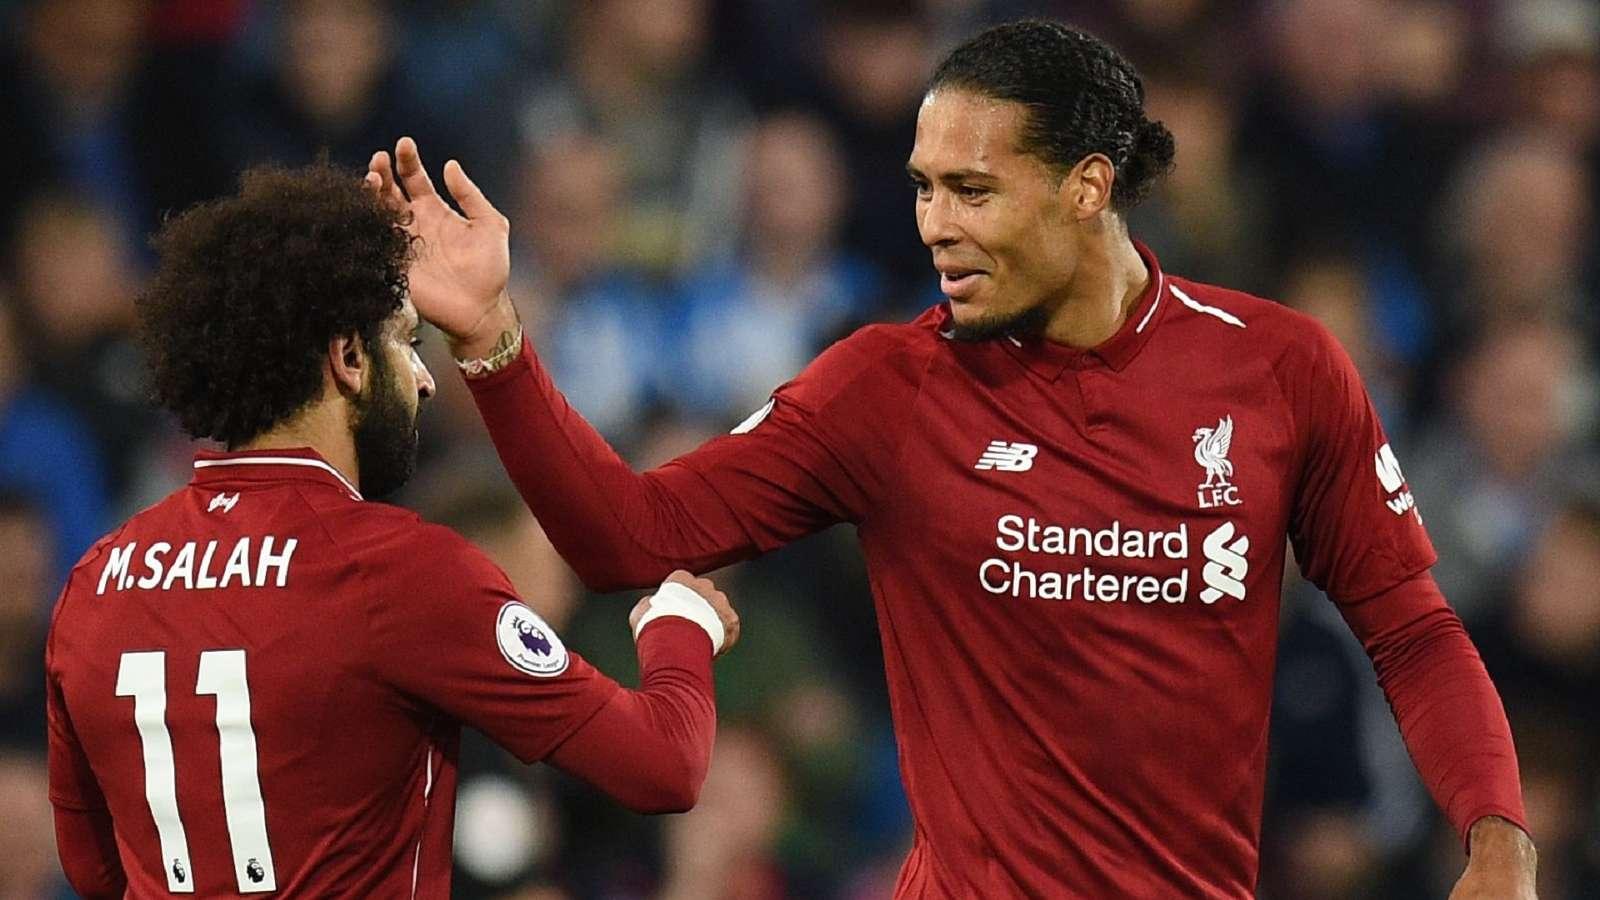 'Van Dijk và Salah mà chấn thương thì Liverpool tiêu' - Bóng Đá